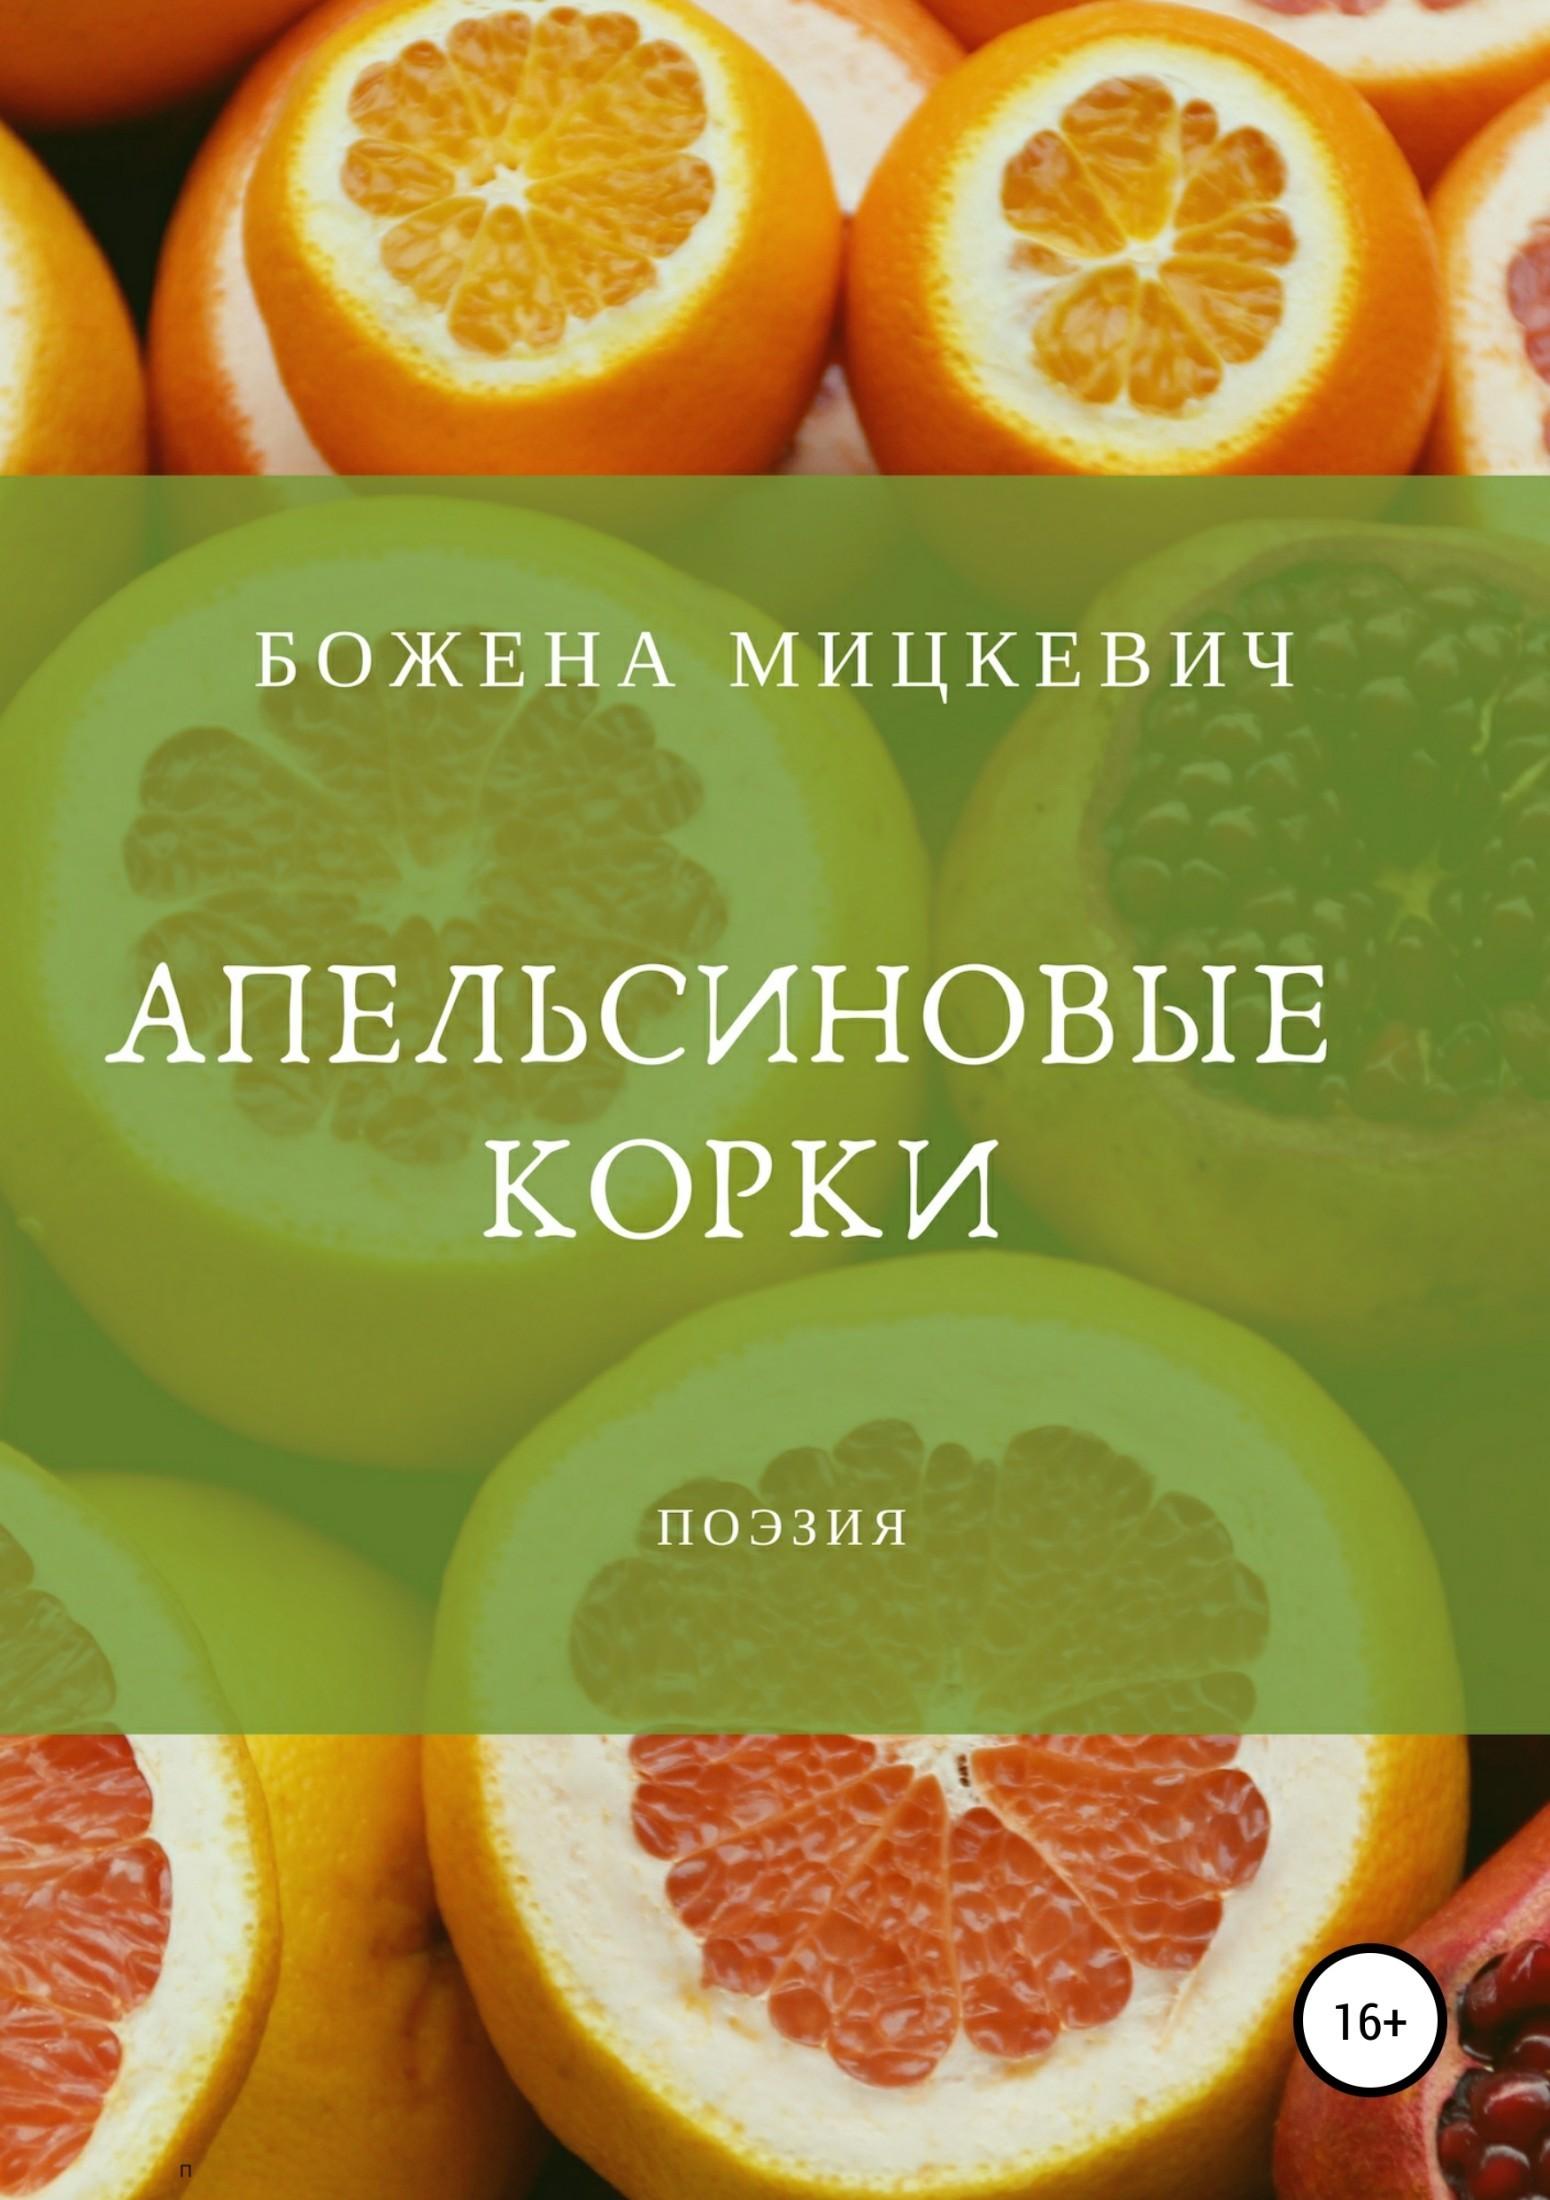 Апельсиновые корки